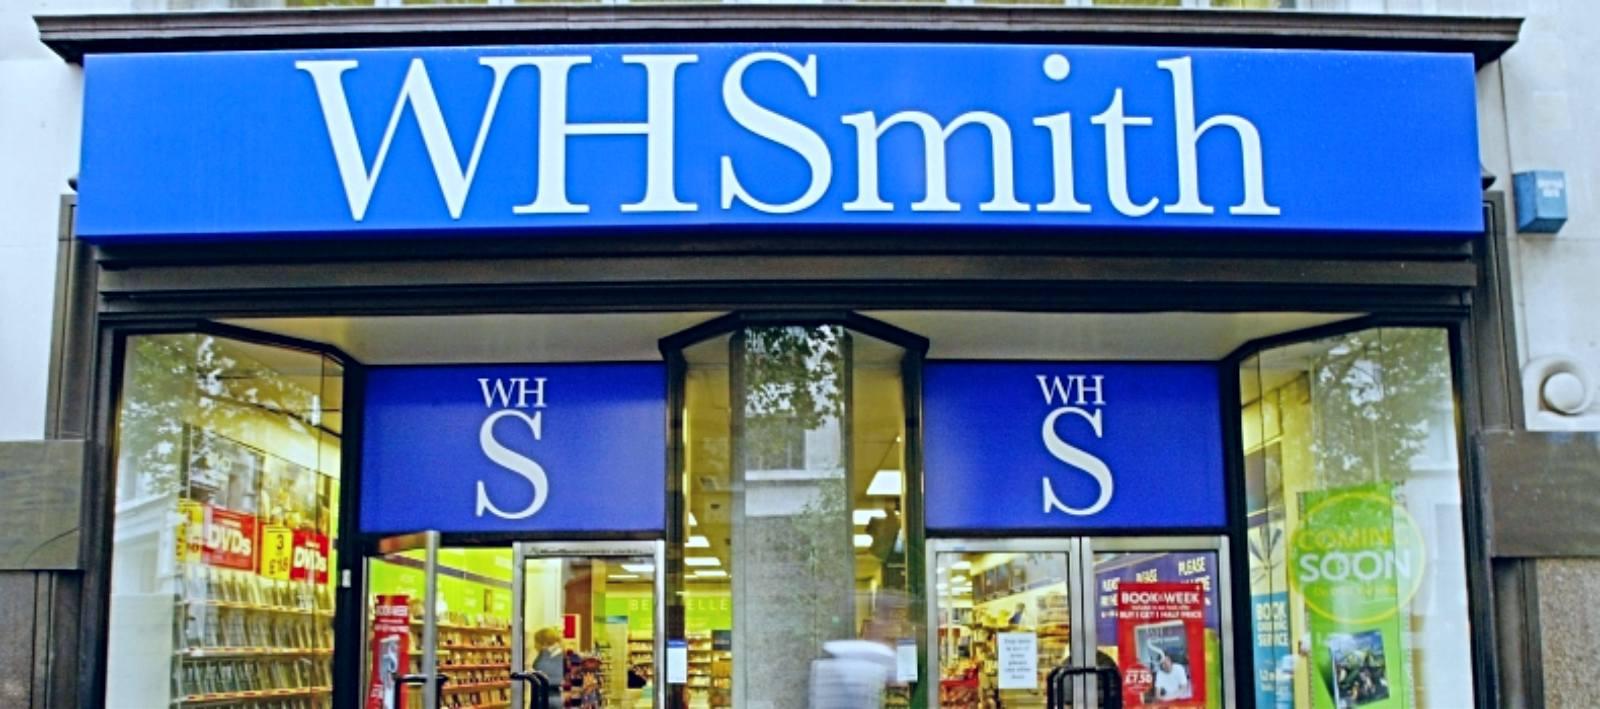 WHSmith comes to Malta